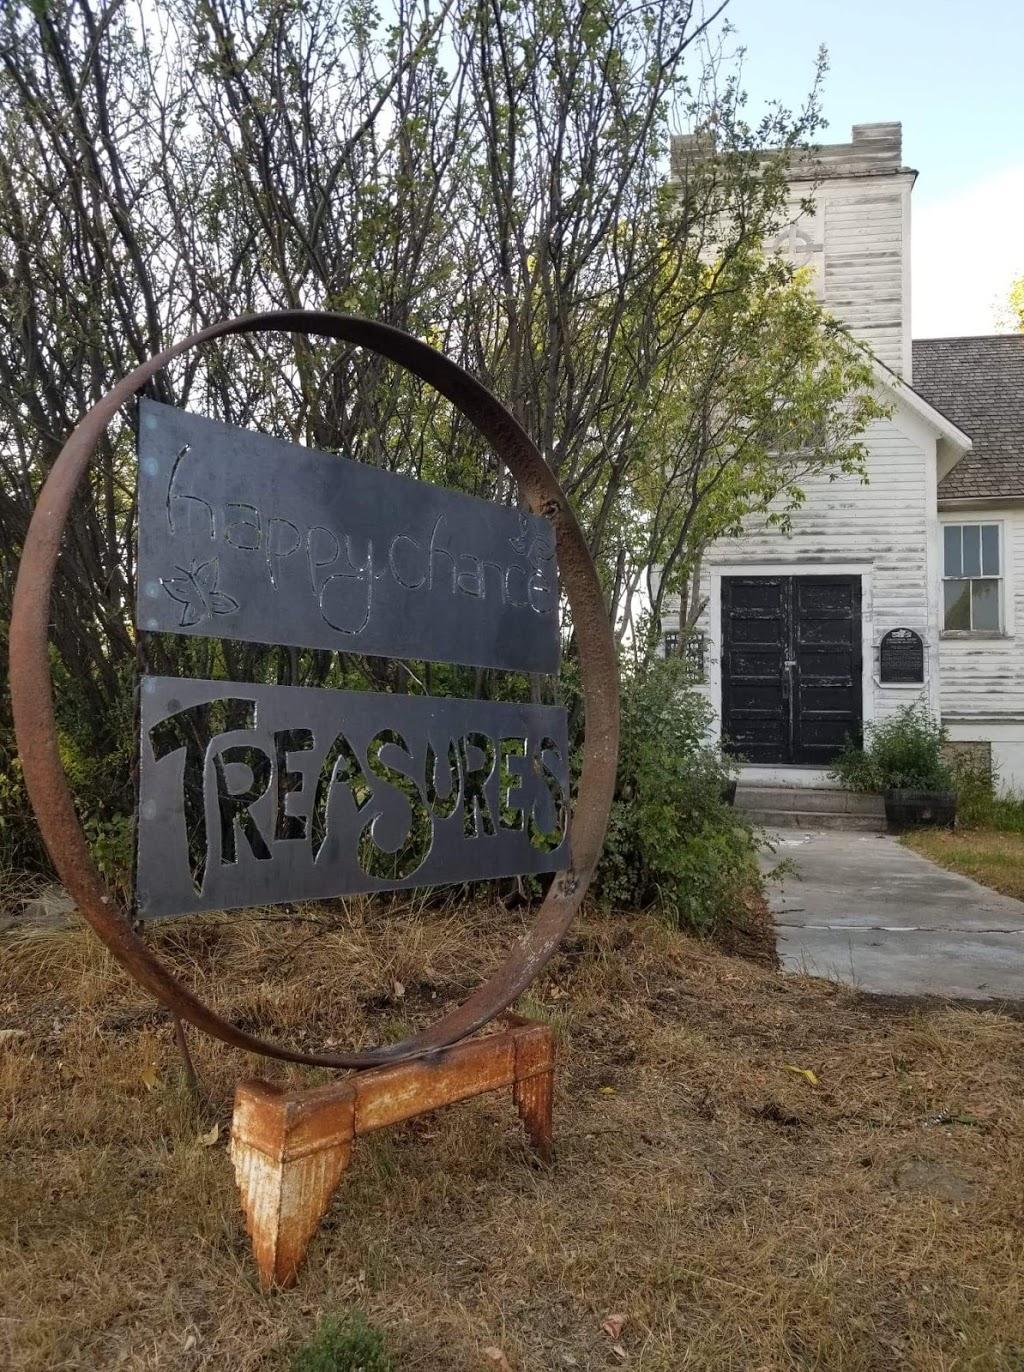 Happy Chance Treasures | art gallery | #116, Hawarden, SK S0H 1Y0, Canada | 3066905510 OR +1 306-690-5510